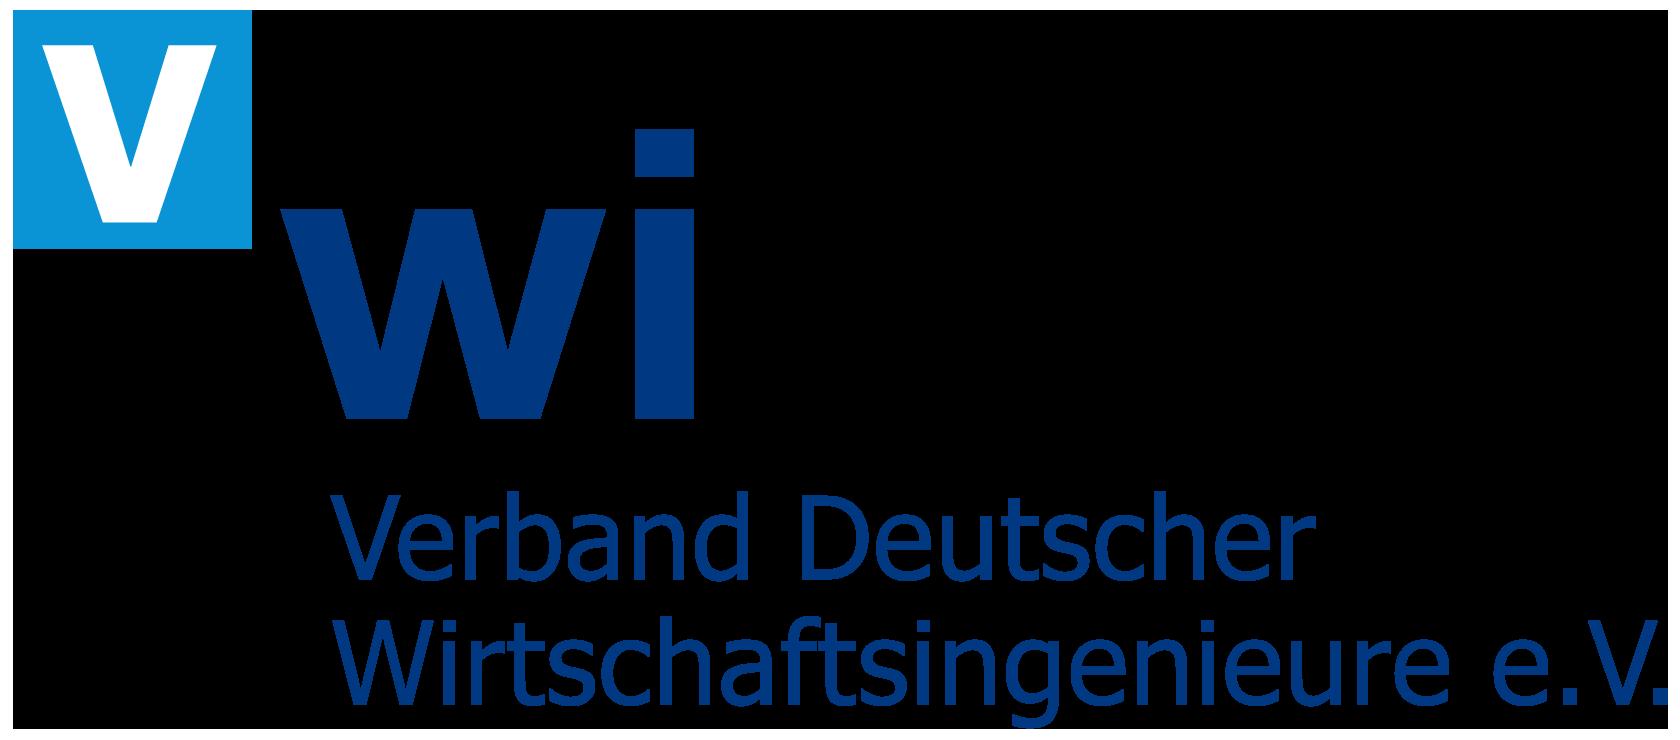 VWI Verband Deutscher Wirtschaftsingenieure e.V.